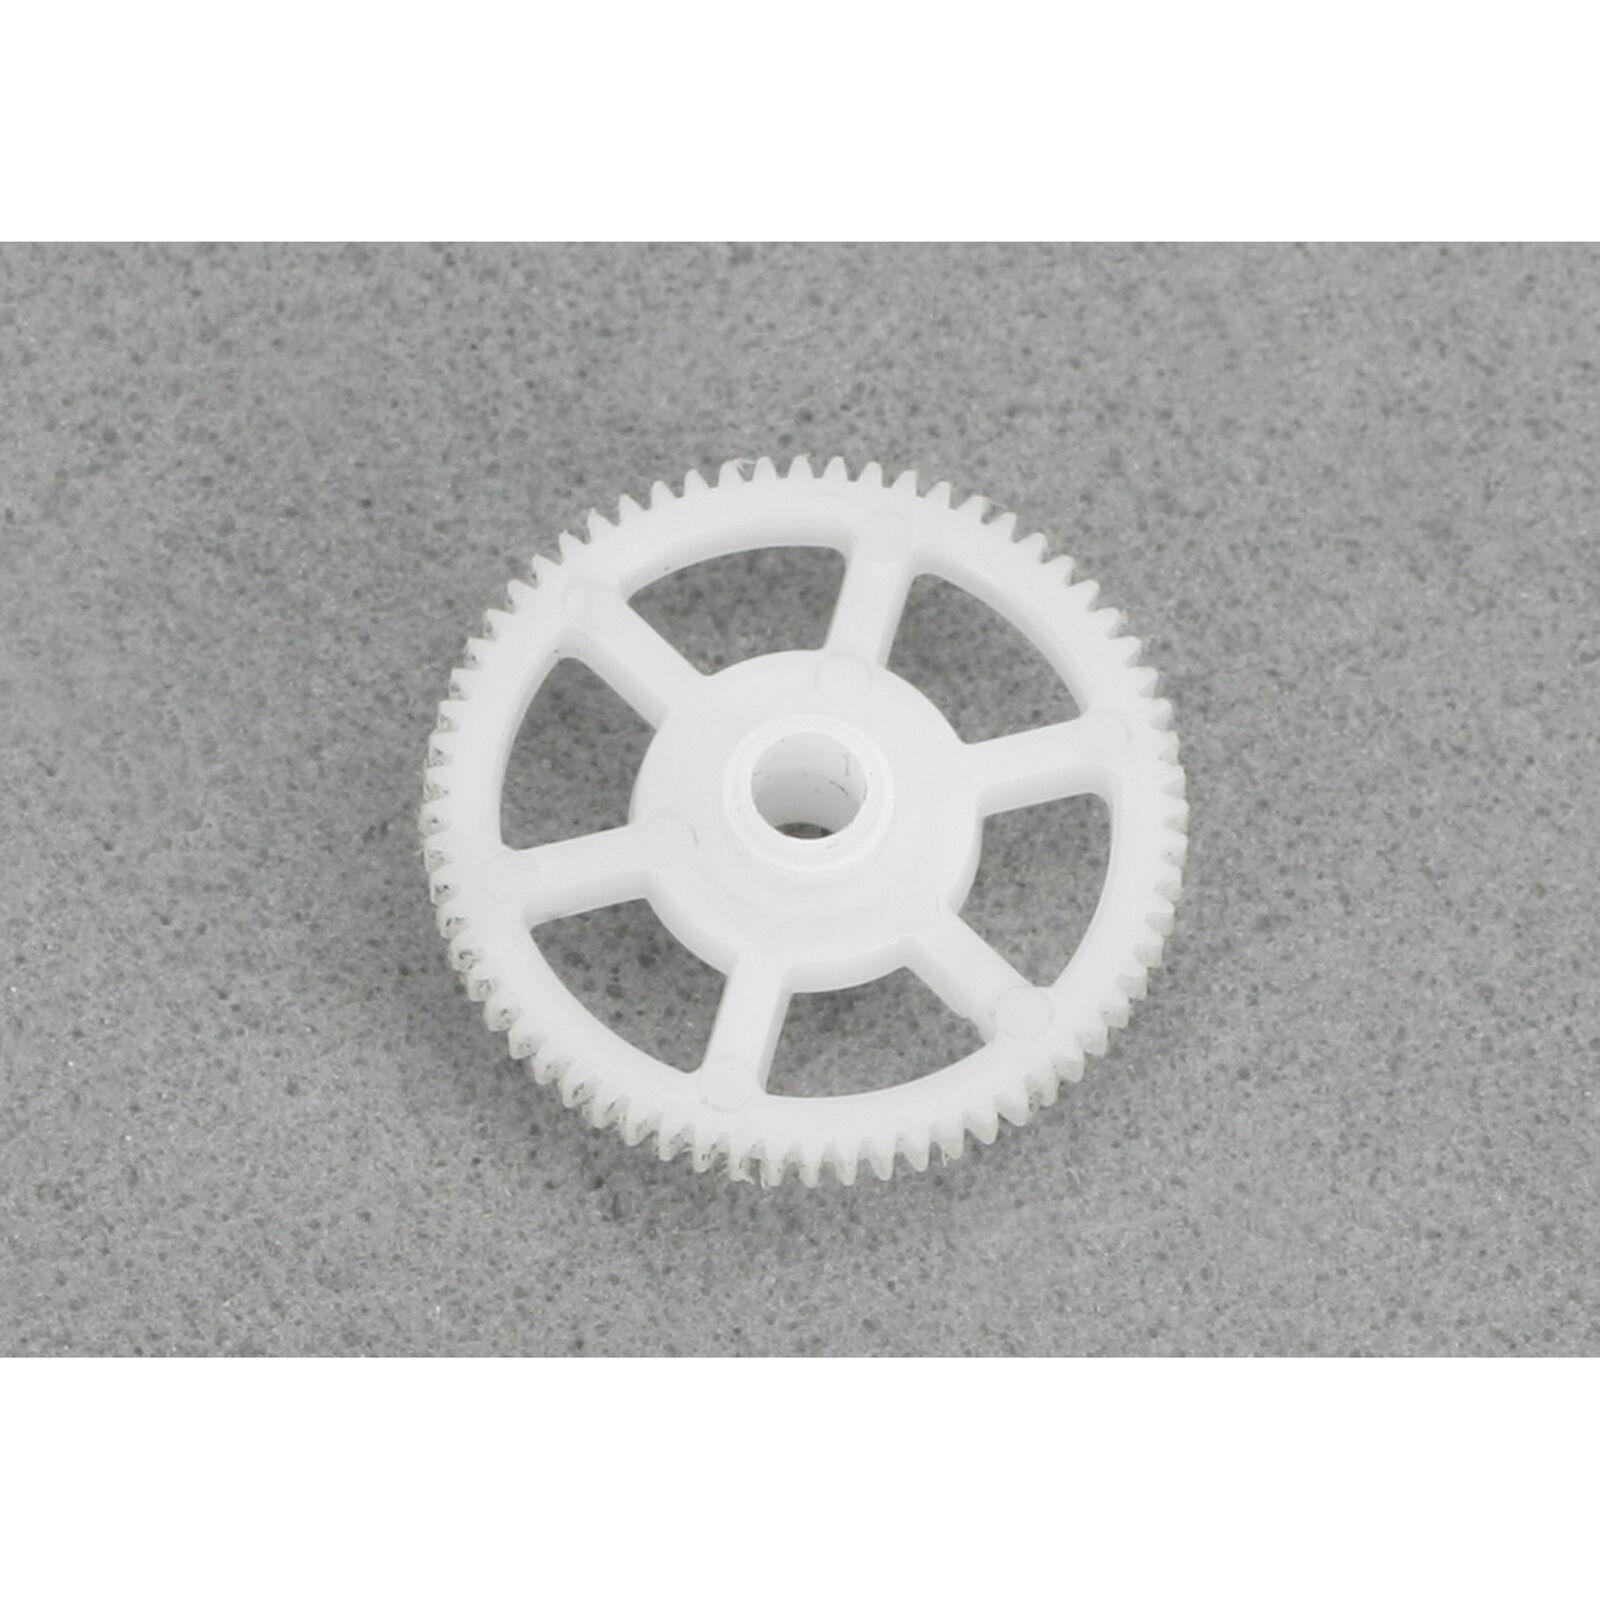 Main Gear: BMSR, mCP S/X